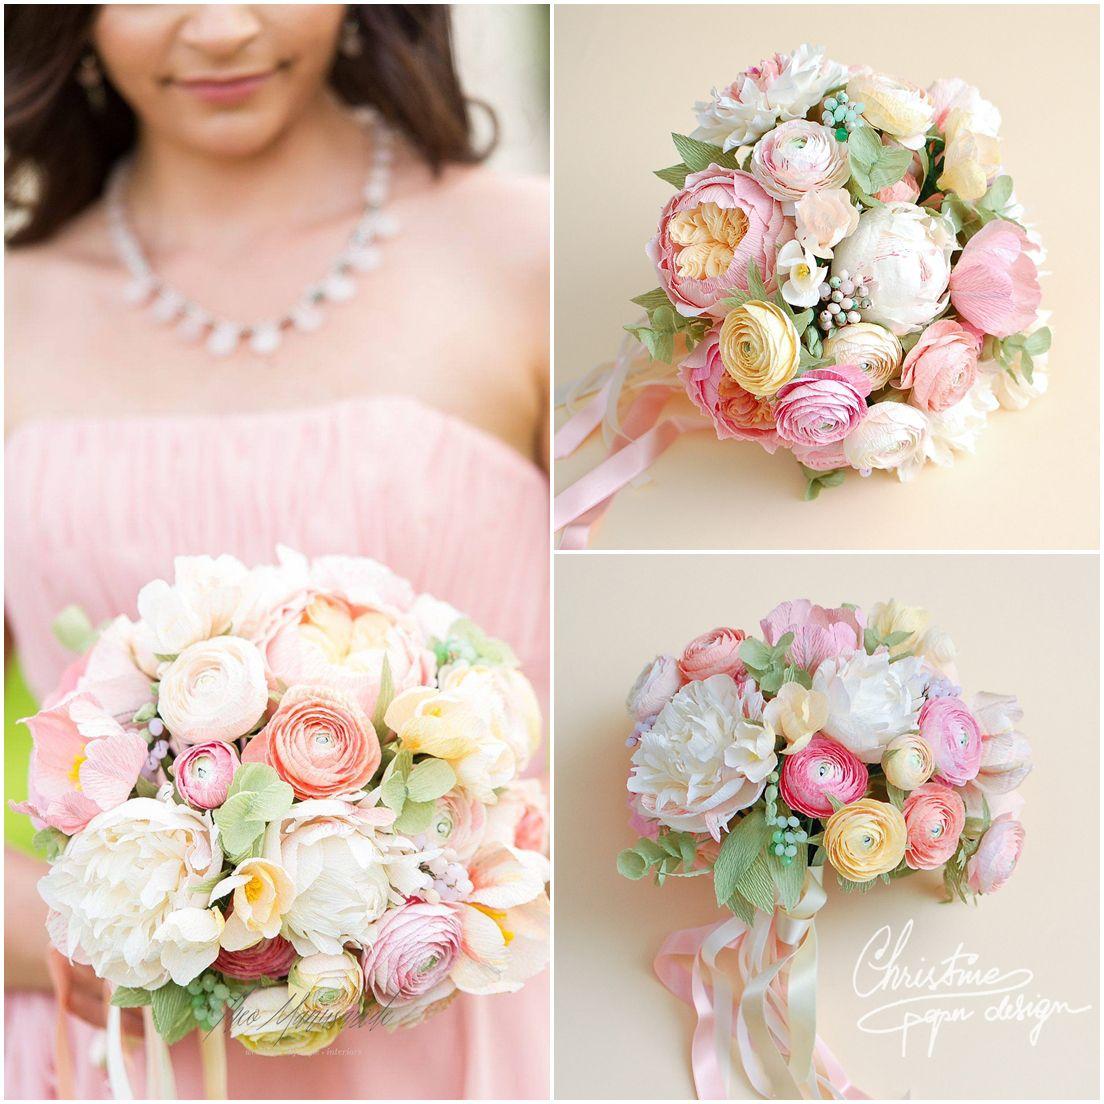 Paper flowers bridal bouquet ranunculus paper flowers bridal bouquet ranunculus izmirmasajfo